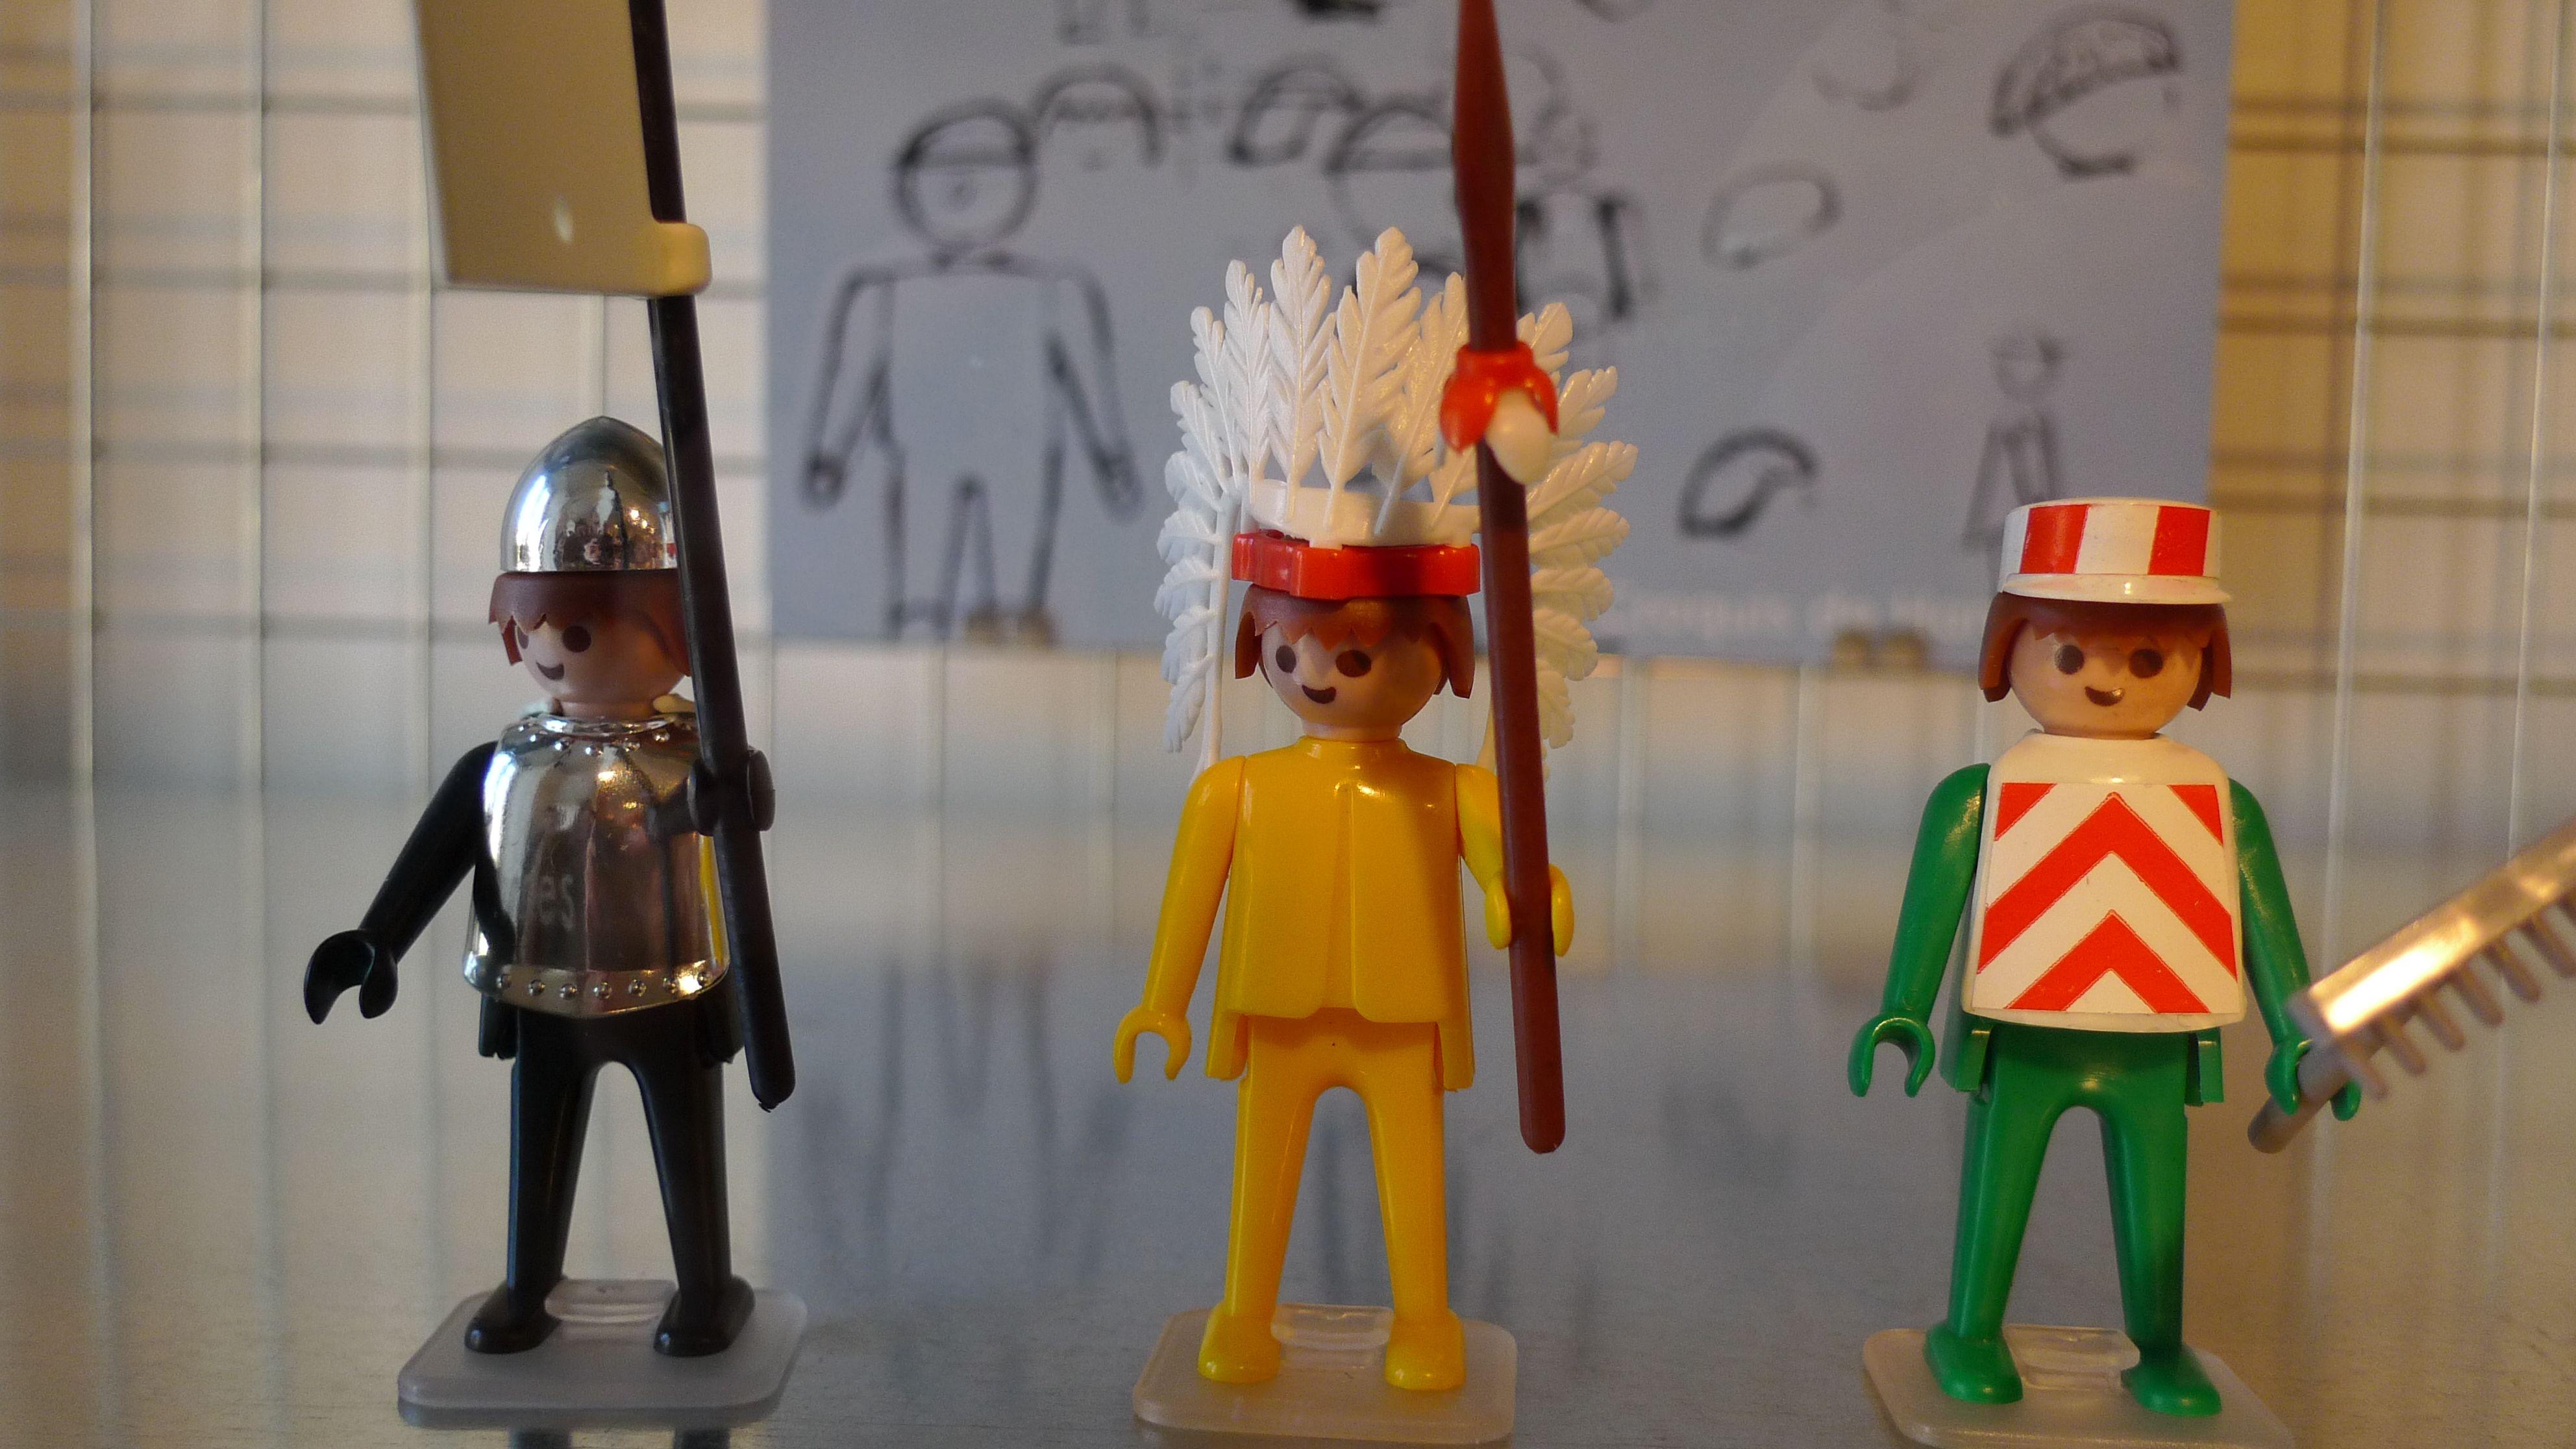 ¿Te gustan los Playmobil? ¡Pues si estás en Barcelona estás de suerte porque este próximo fin de semana hay la Feria del Playmobil en Barcelona!